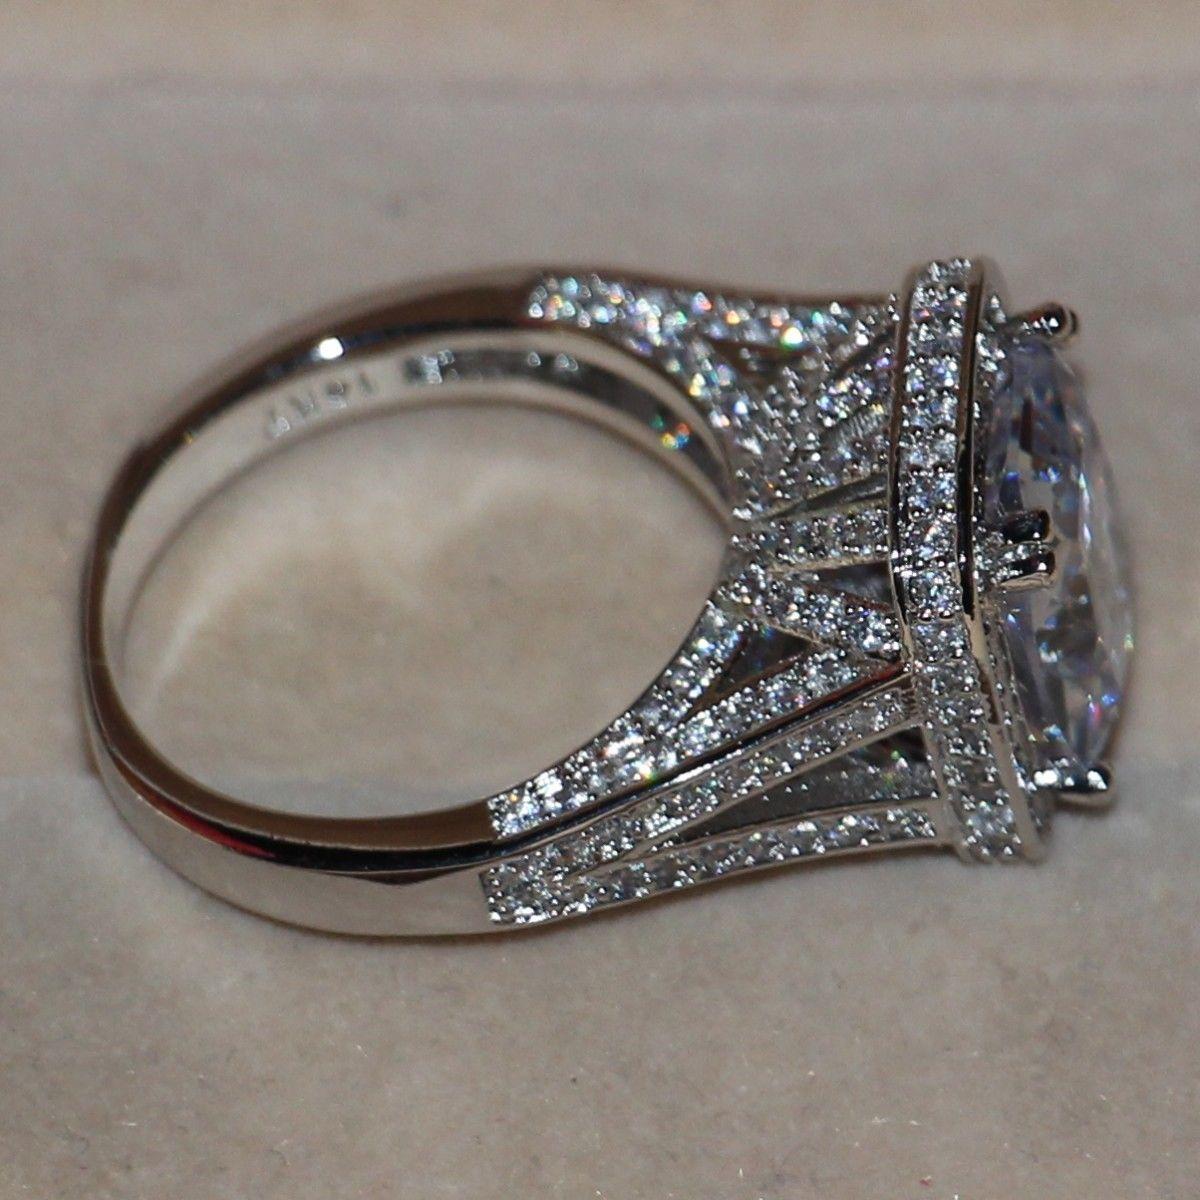 Размер 5-11 Роскошные Ювелирные Изделия 8CT Большой Камень Белый Сапфир 14-каратного белого золота заполнены GF Имитация Бриллиантовое Обручальное Кольцо Обручальное кольцо любителей подарок